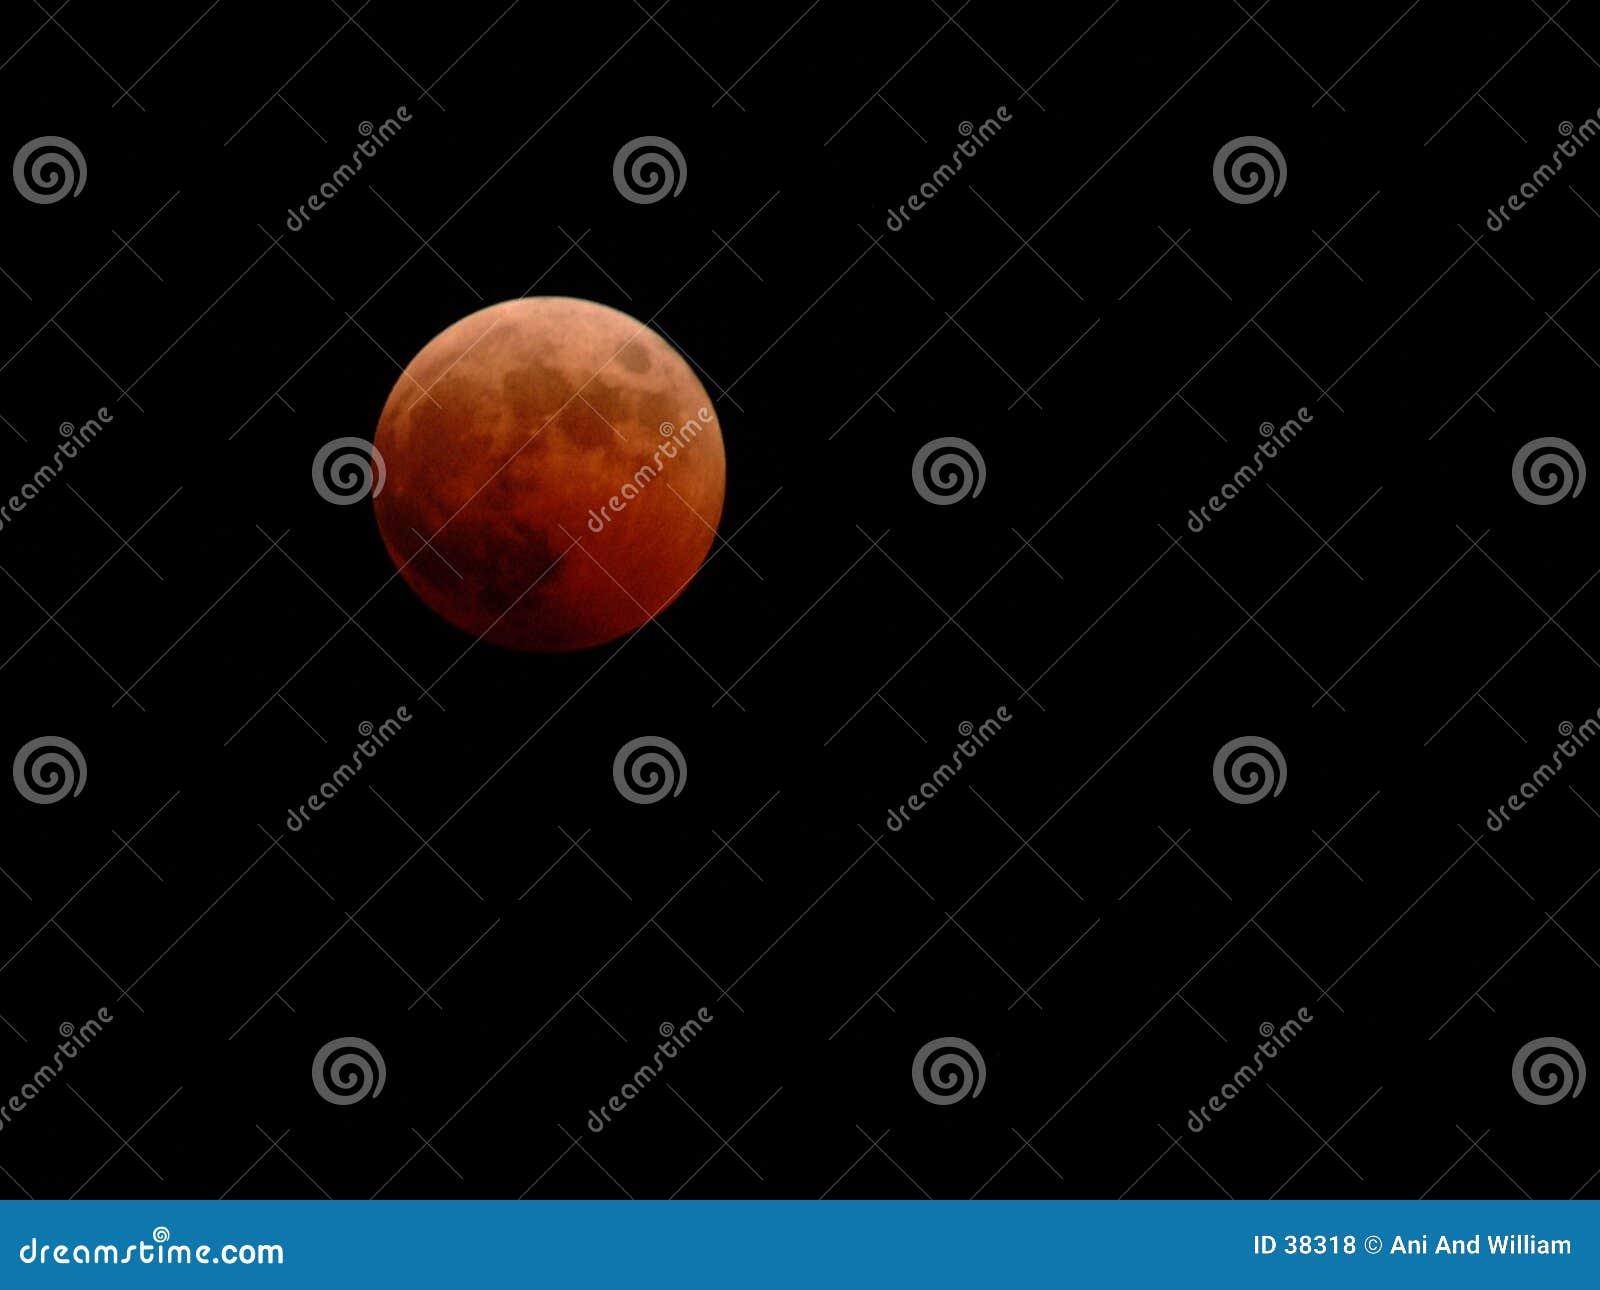 Lunar eclipse of 10-27-04